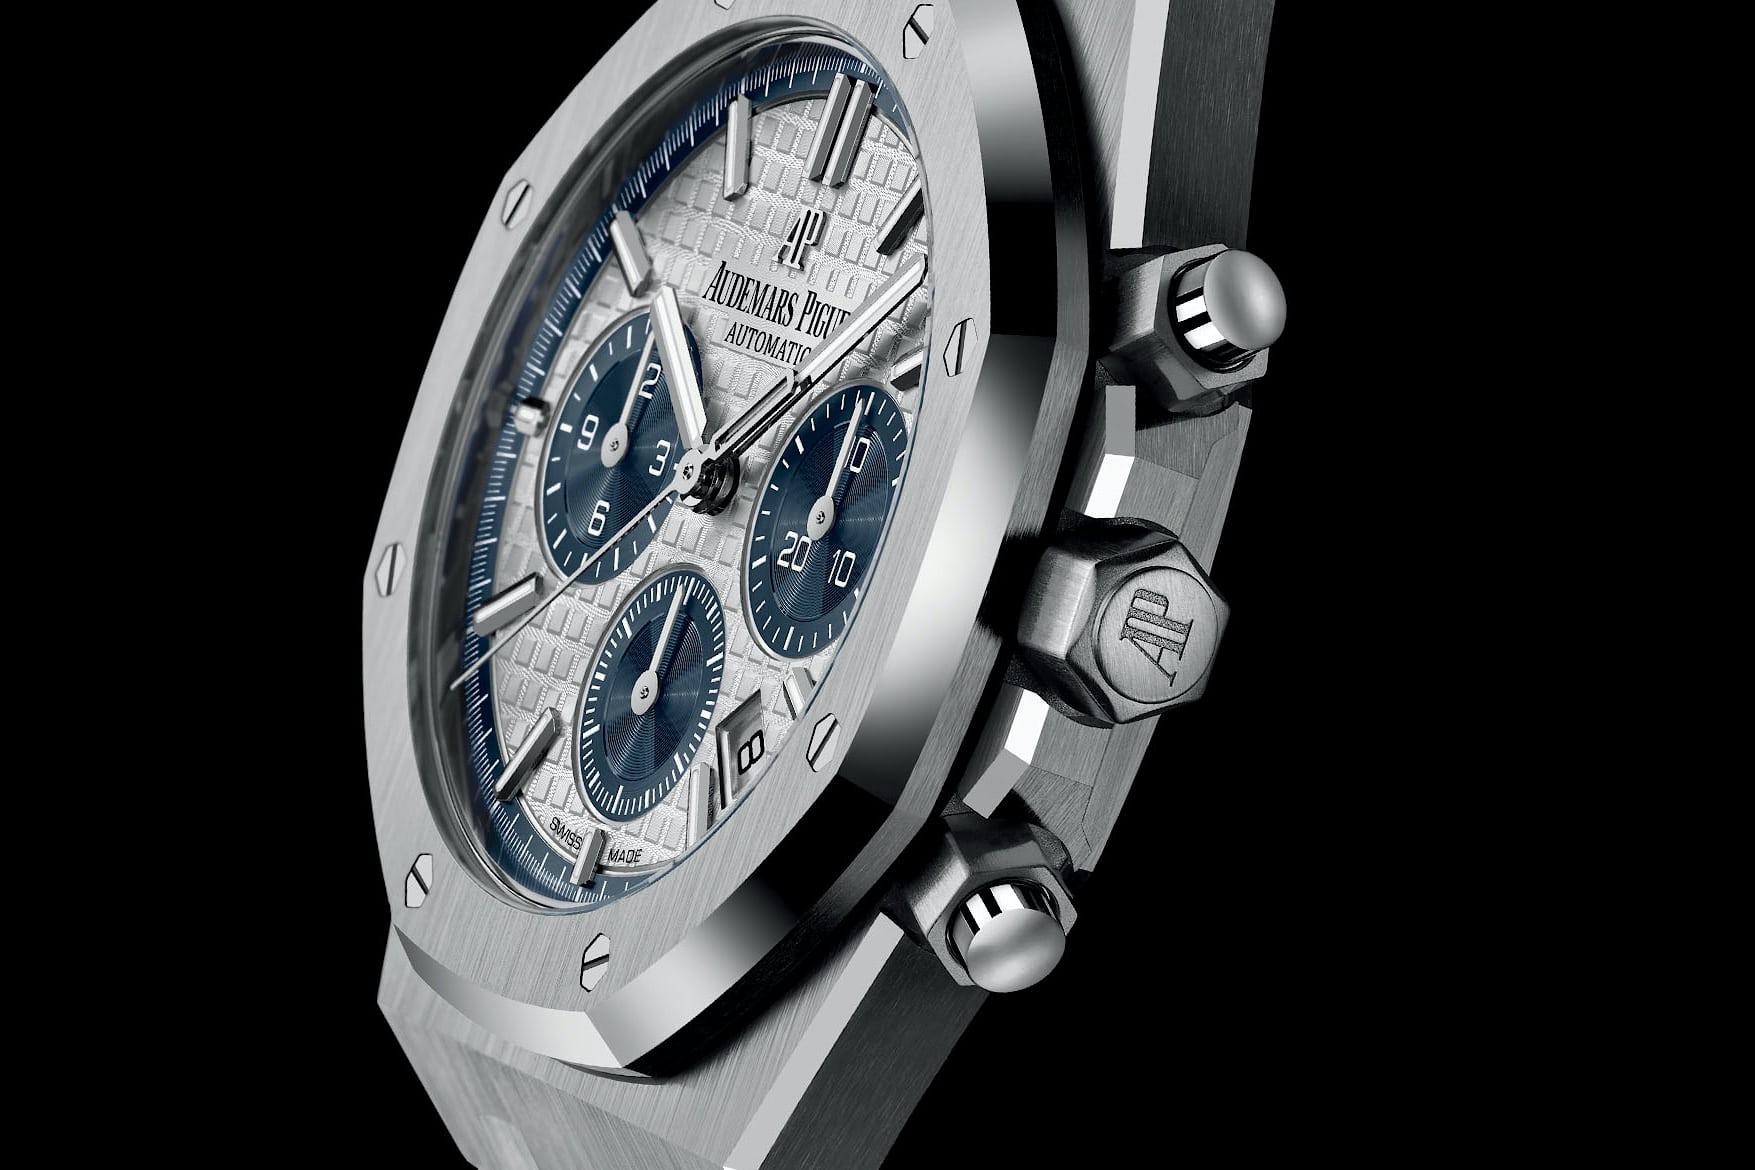 audemars-piguet-royal-oak-chronograph-38mm-case-side